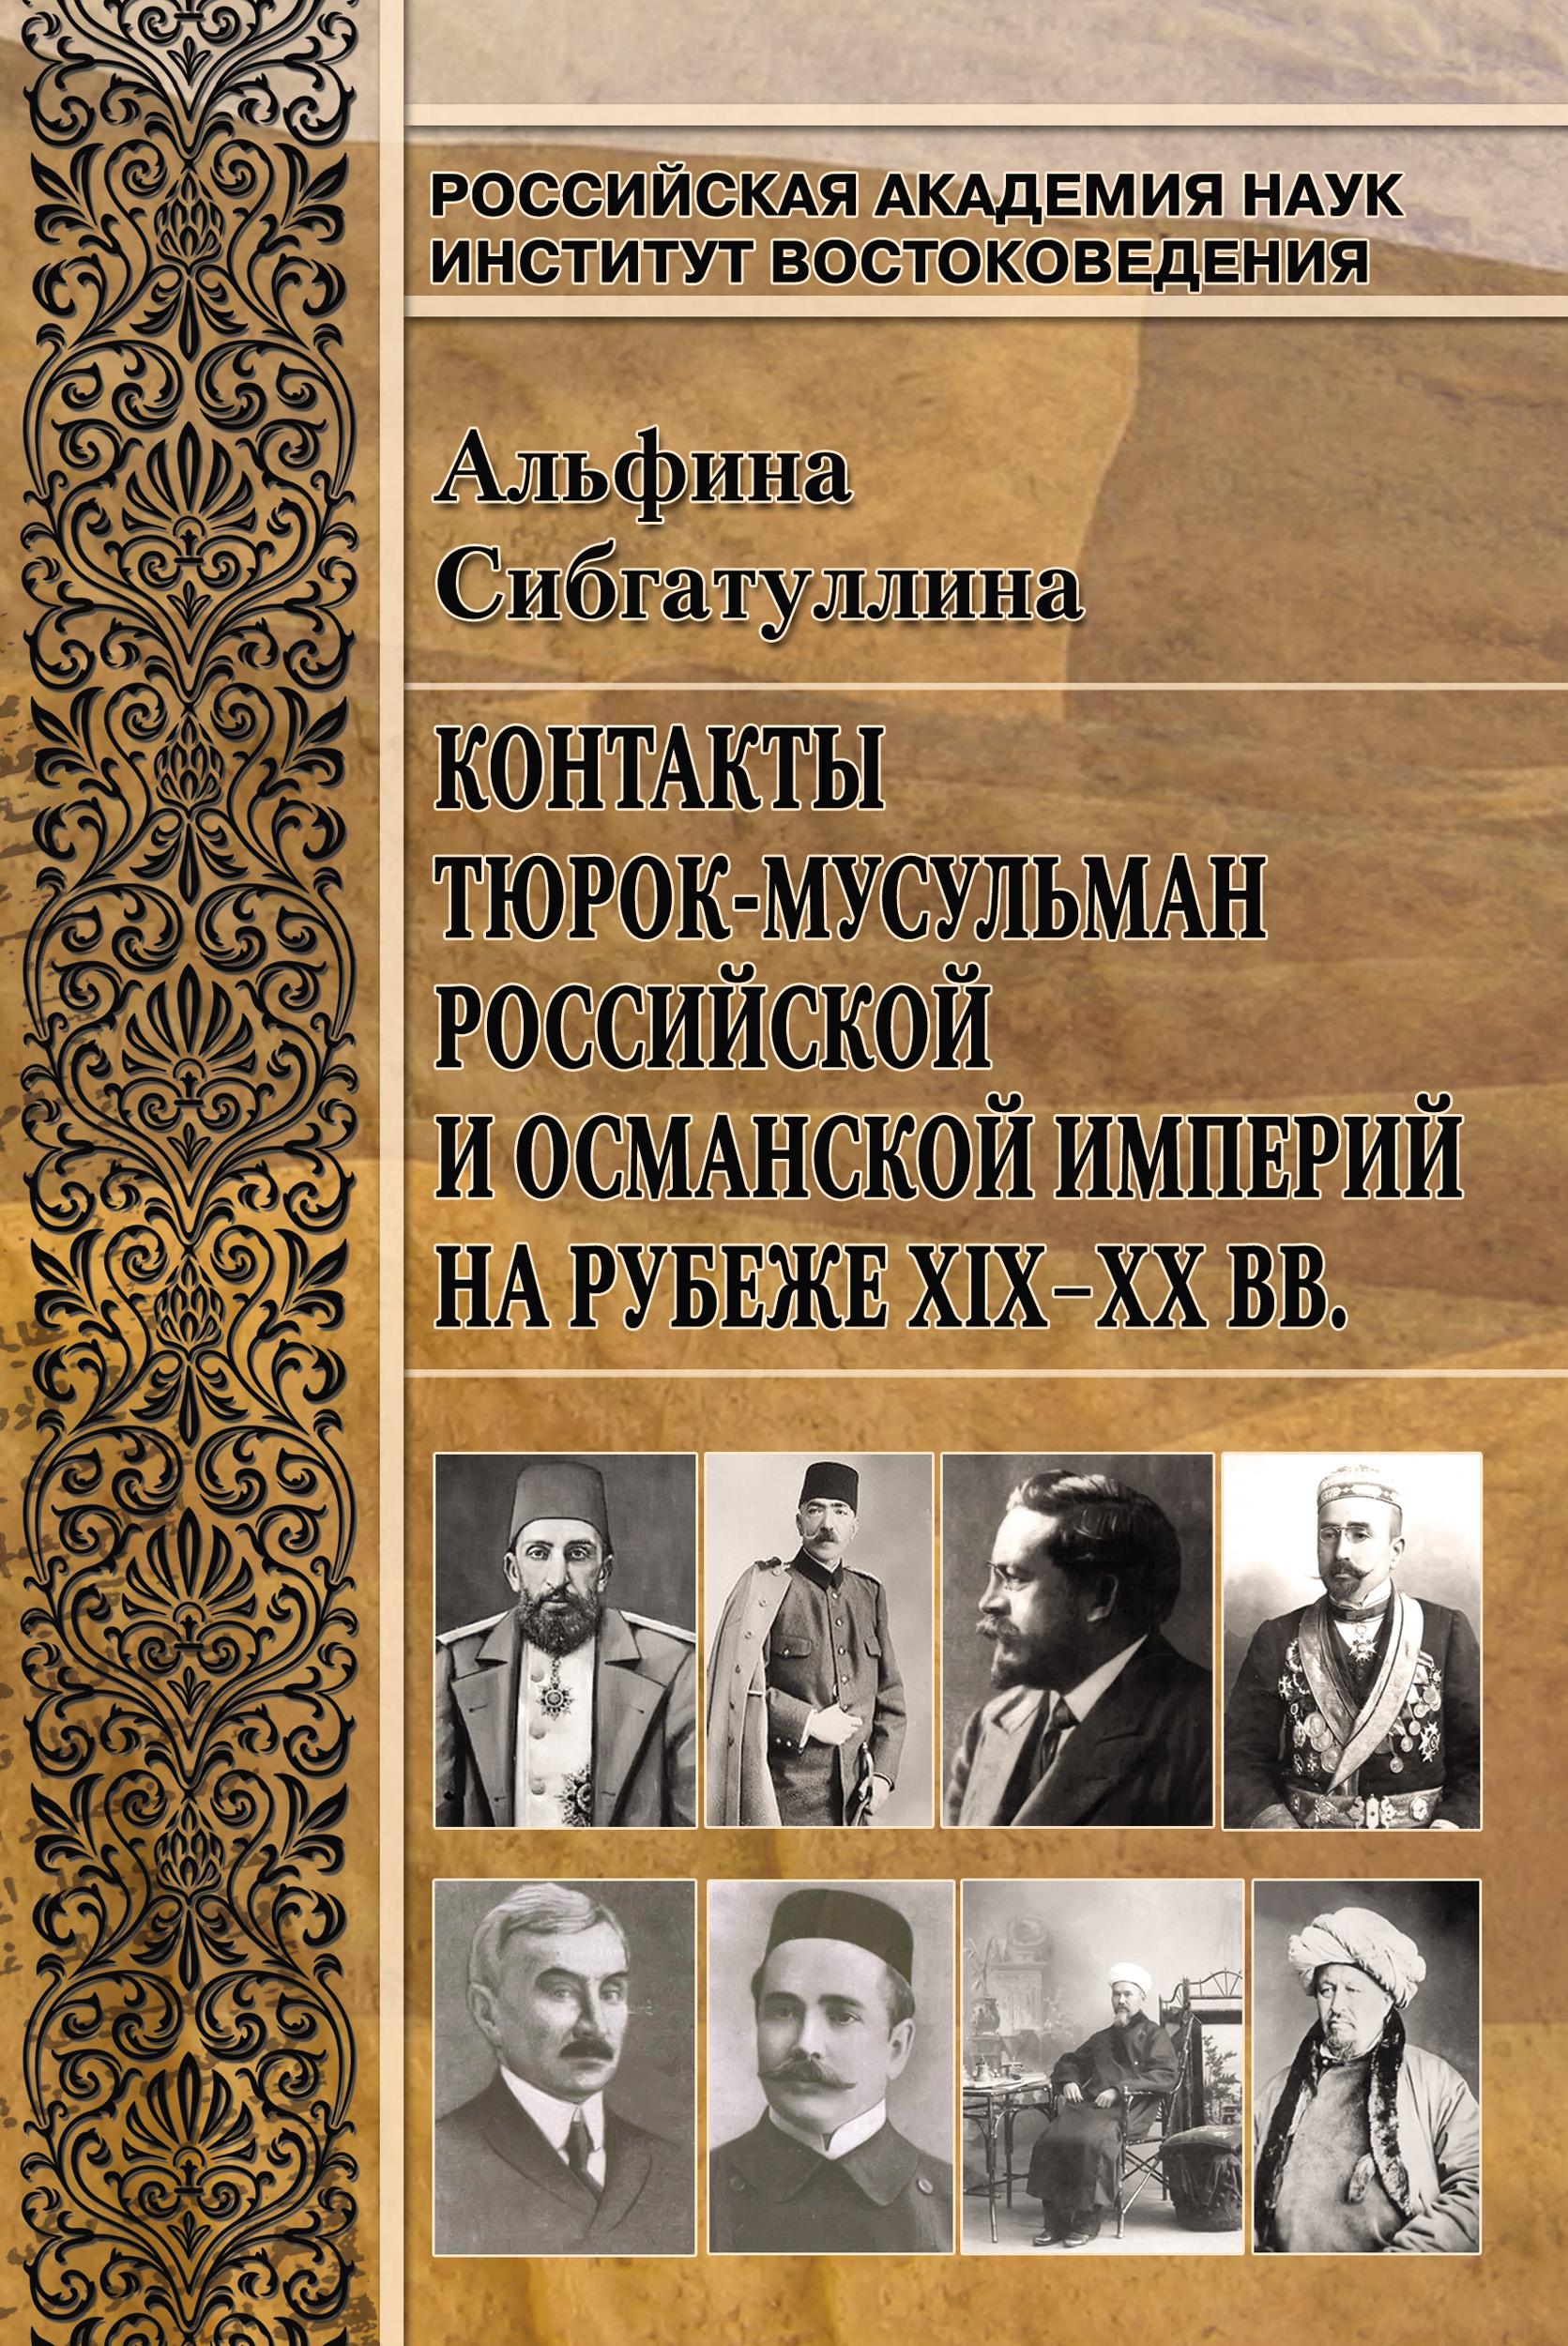 Альфина Сибгатуллина Контакты тюрок-мусульман Российской и Османской империй на рубеже XIX-XX вв.